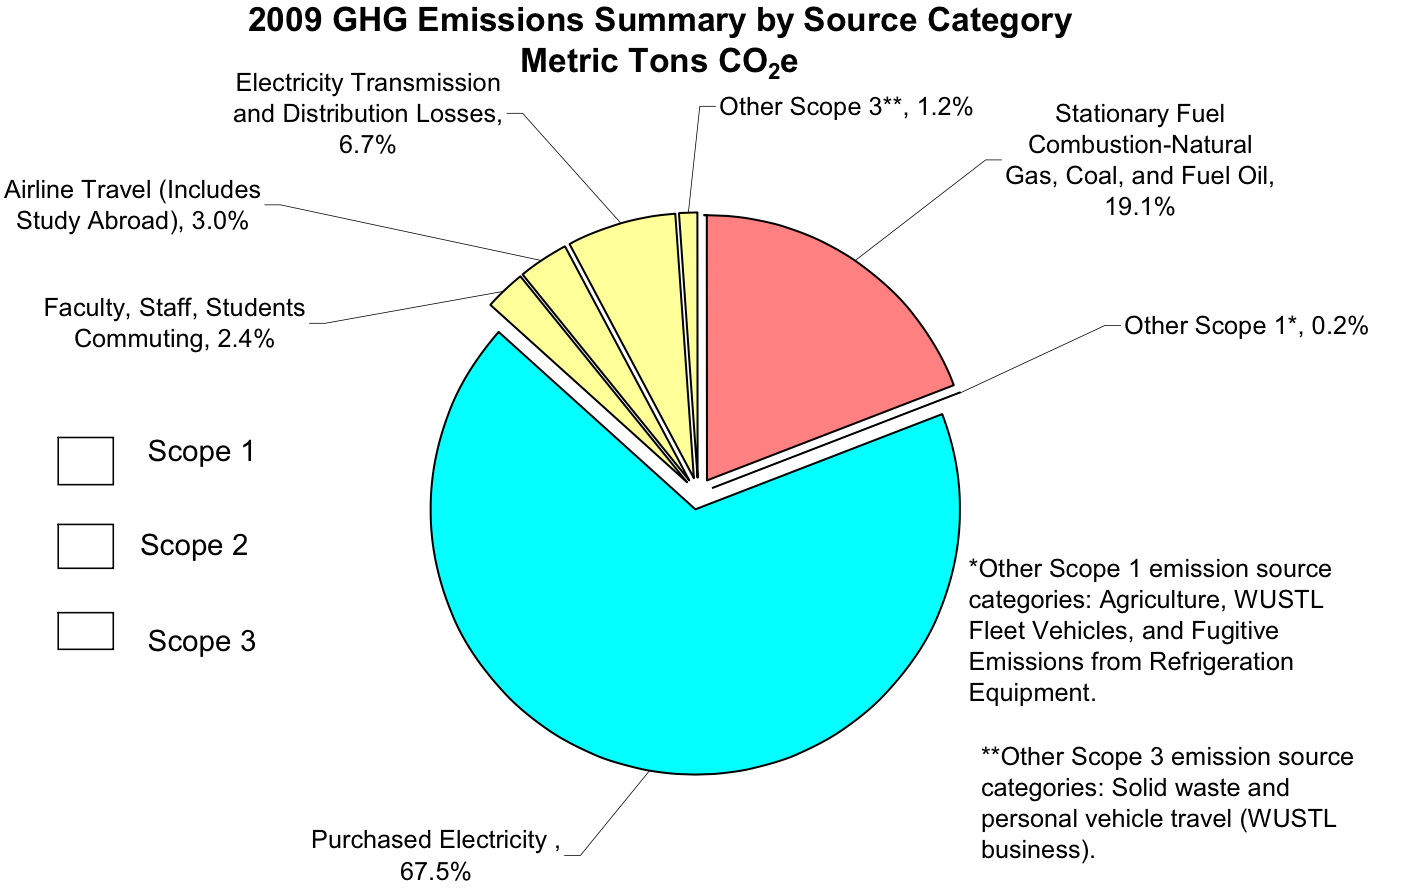 Uct carbon footprint figure 3 washington university carbon emissions data for 2009 nvjuhfo Choice Image